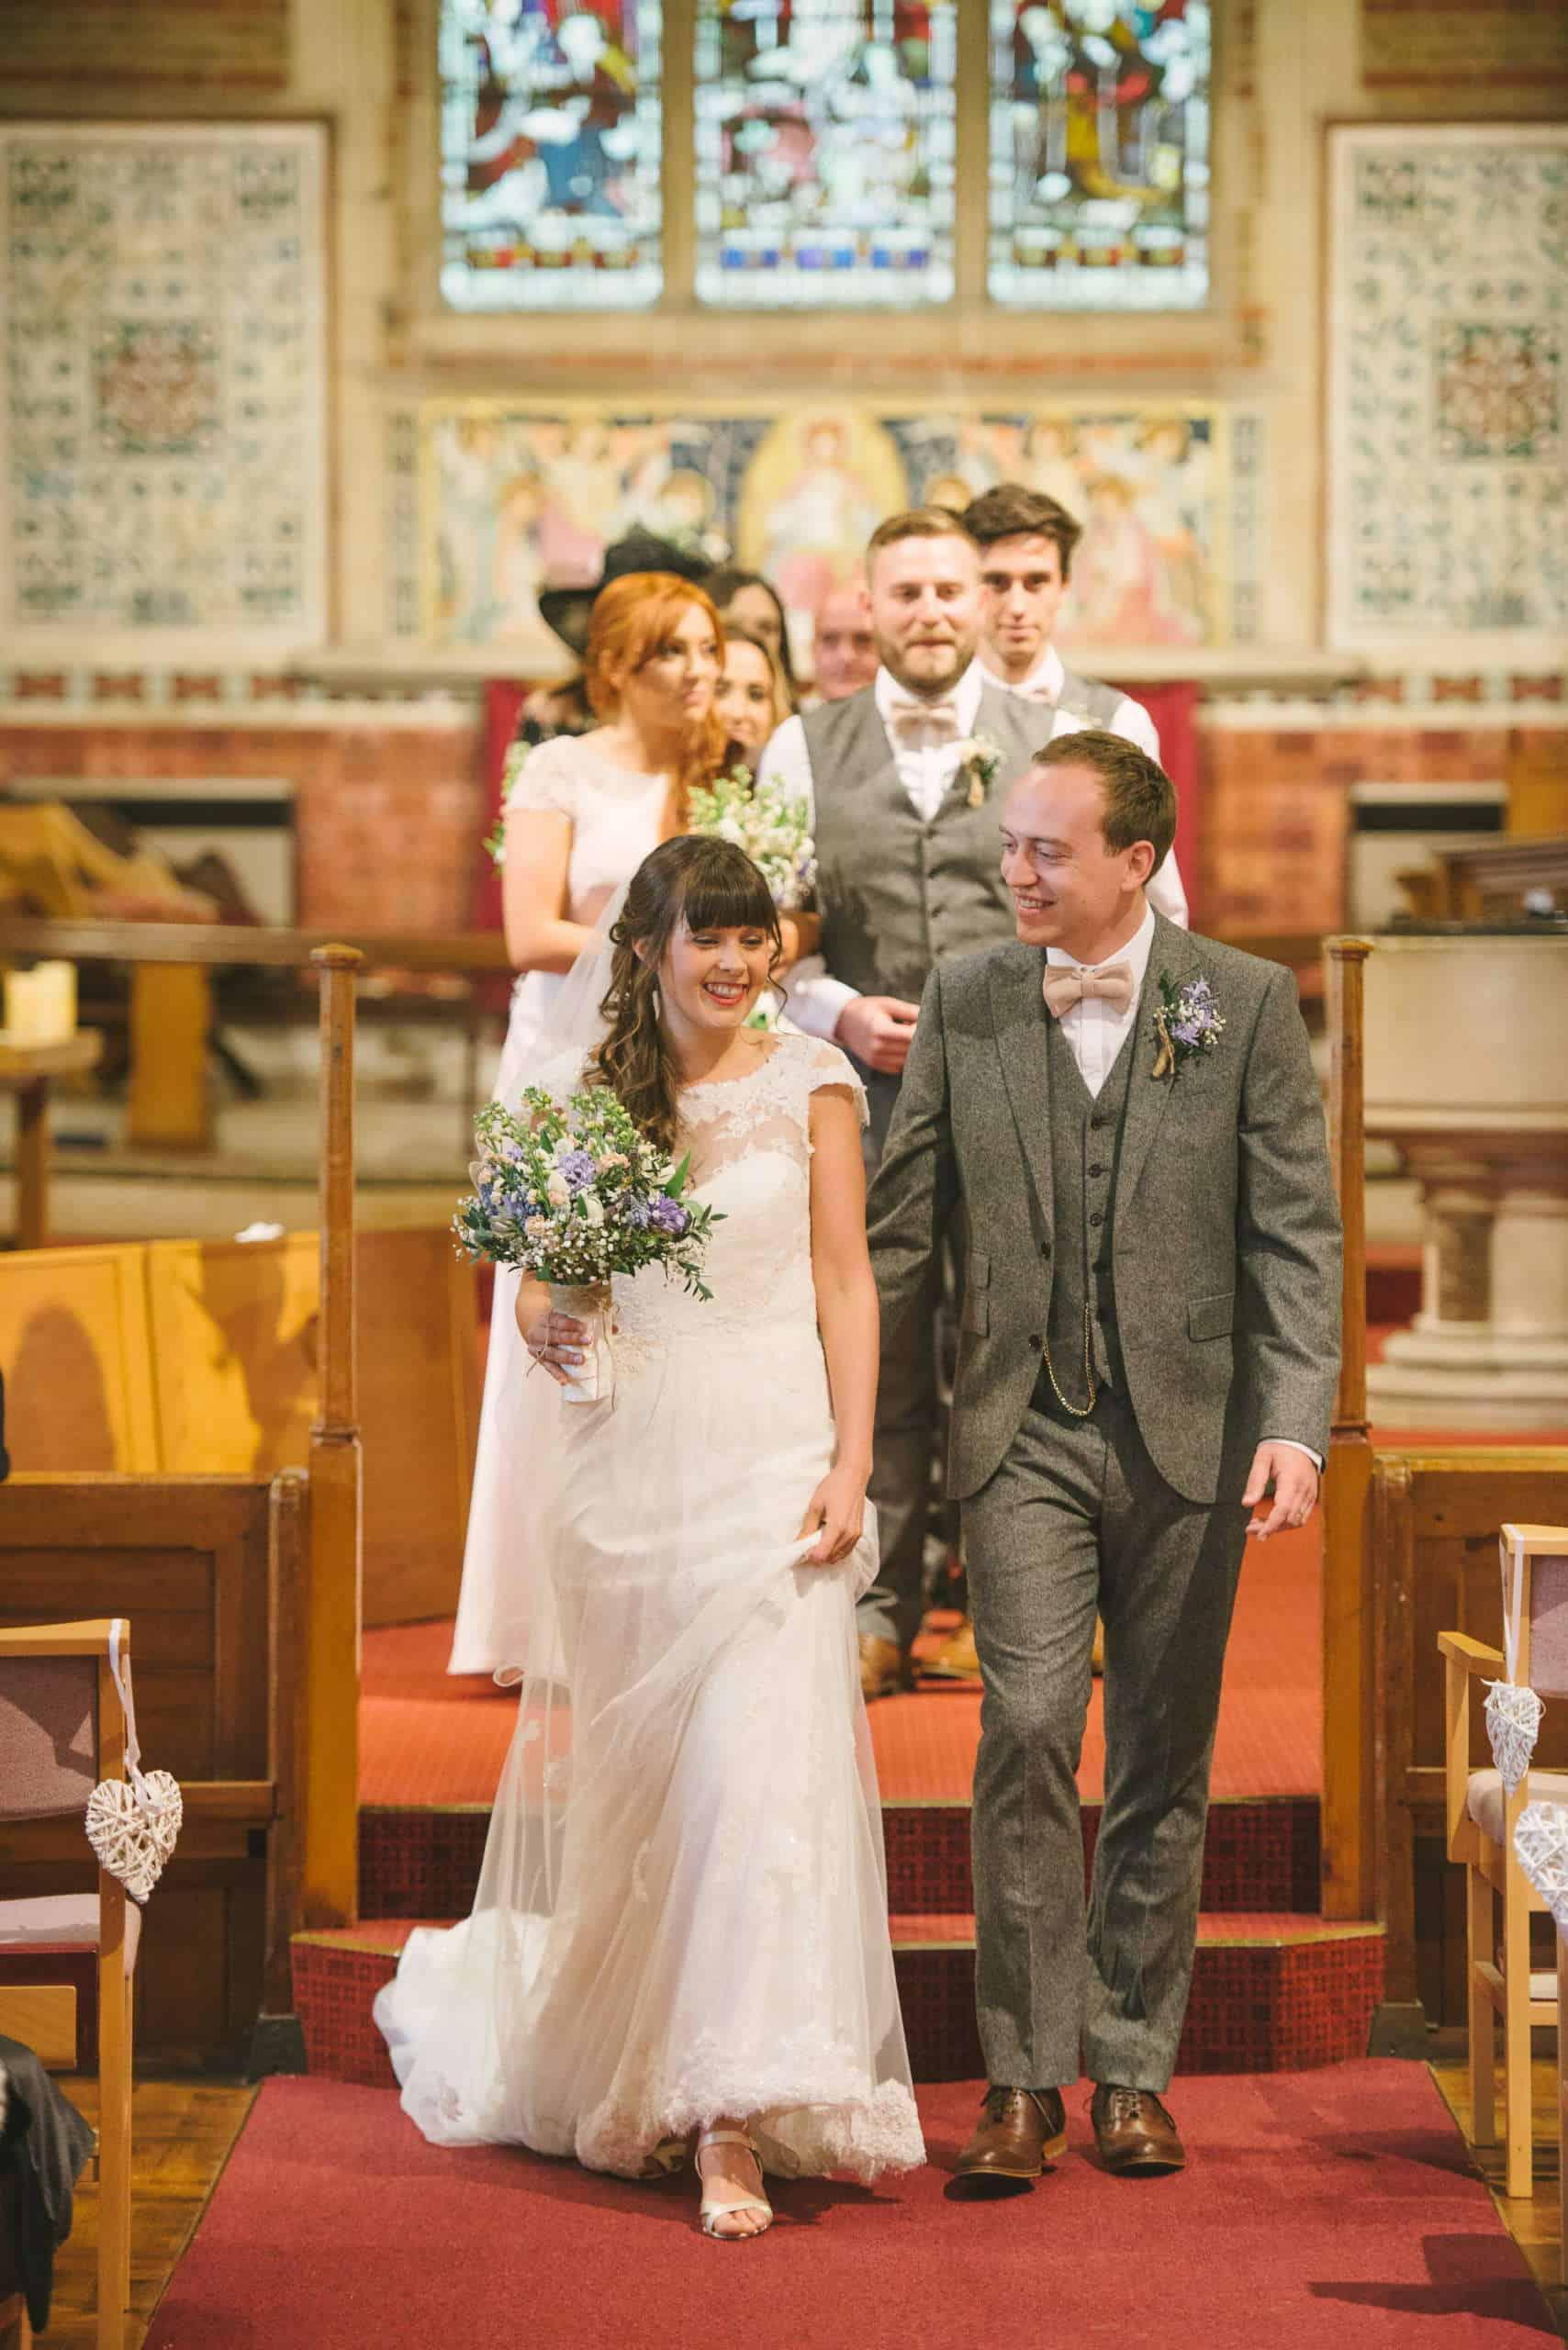 230416 Essex Wedding Photography Baddow Gallerywood 044